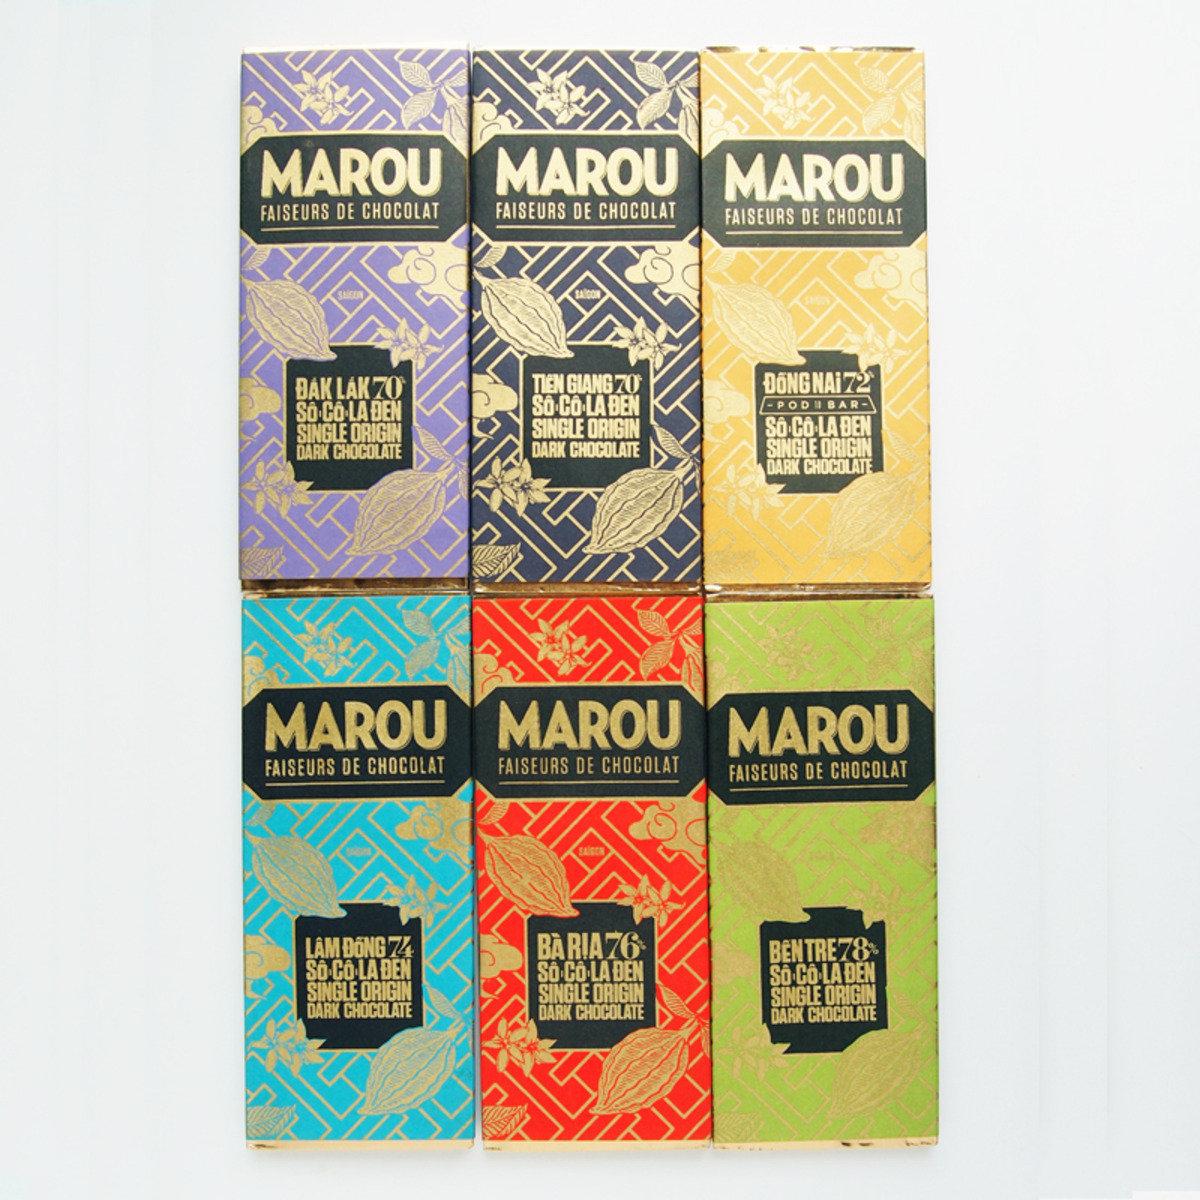 MAROU朱古力-6排 (24g): 前江 70%, 同奈 72%, 林同 74% , 巴地 76%, 儐椥 78%, 多樂 70%